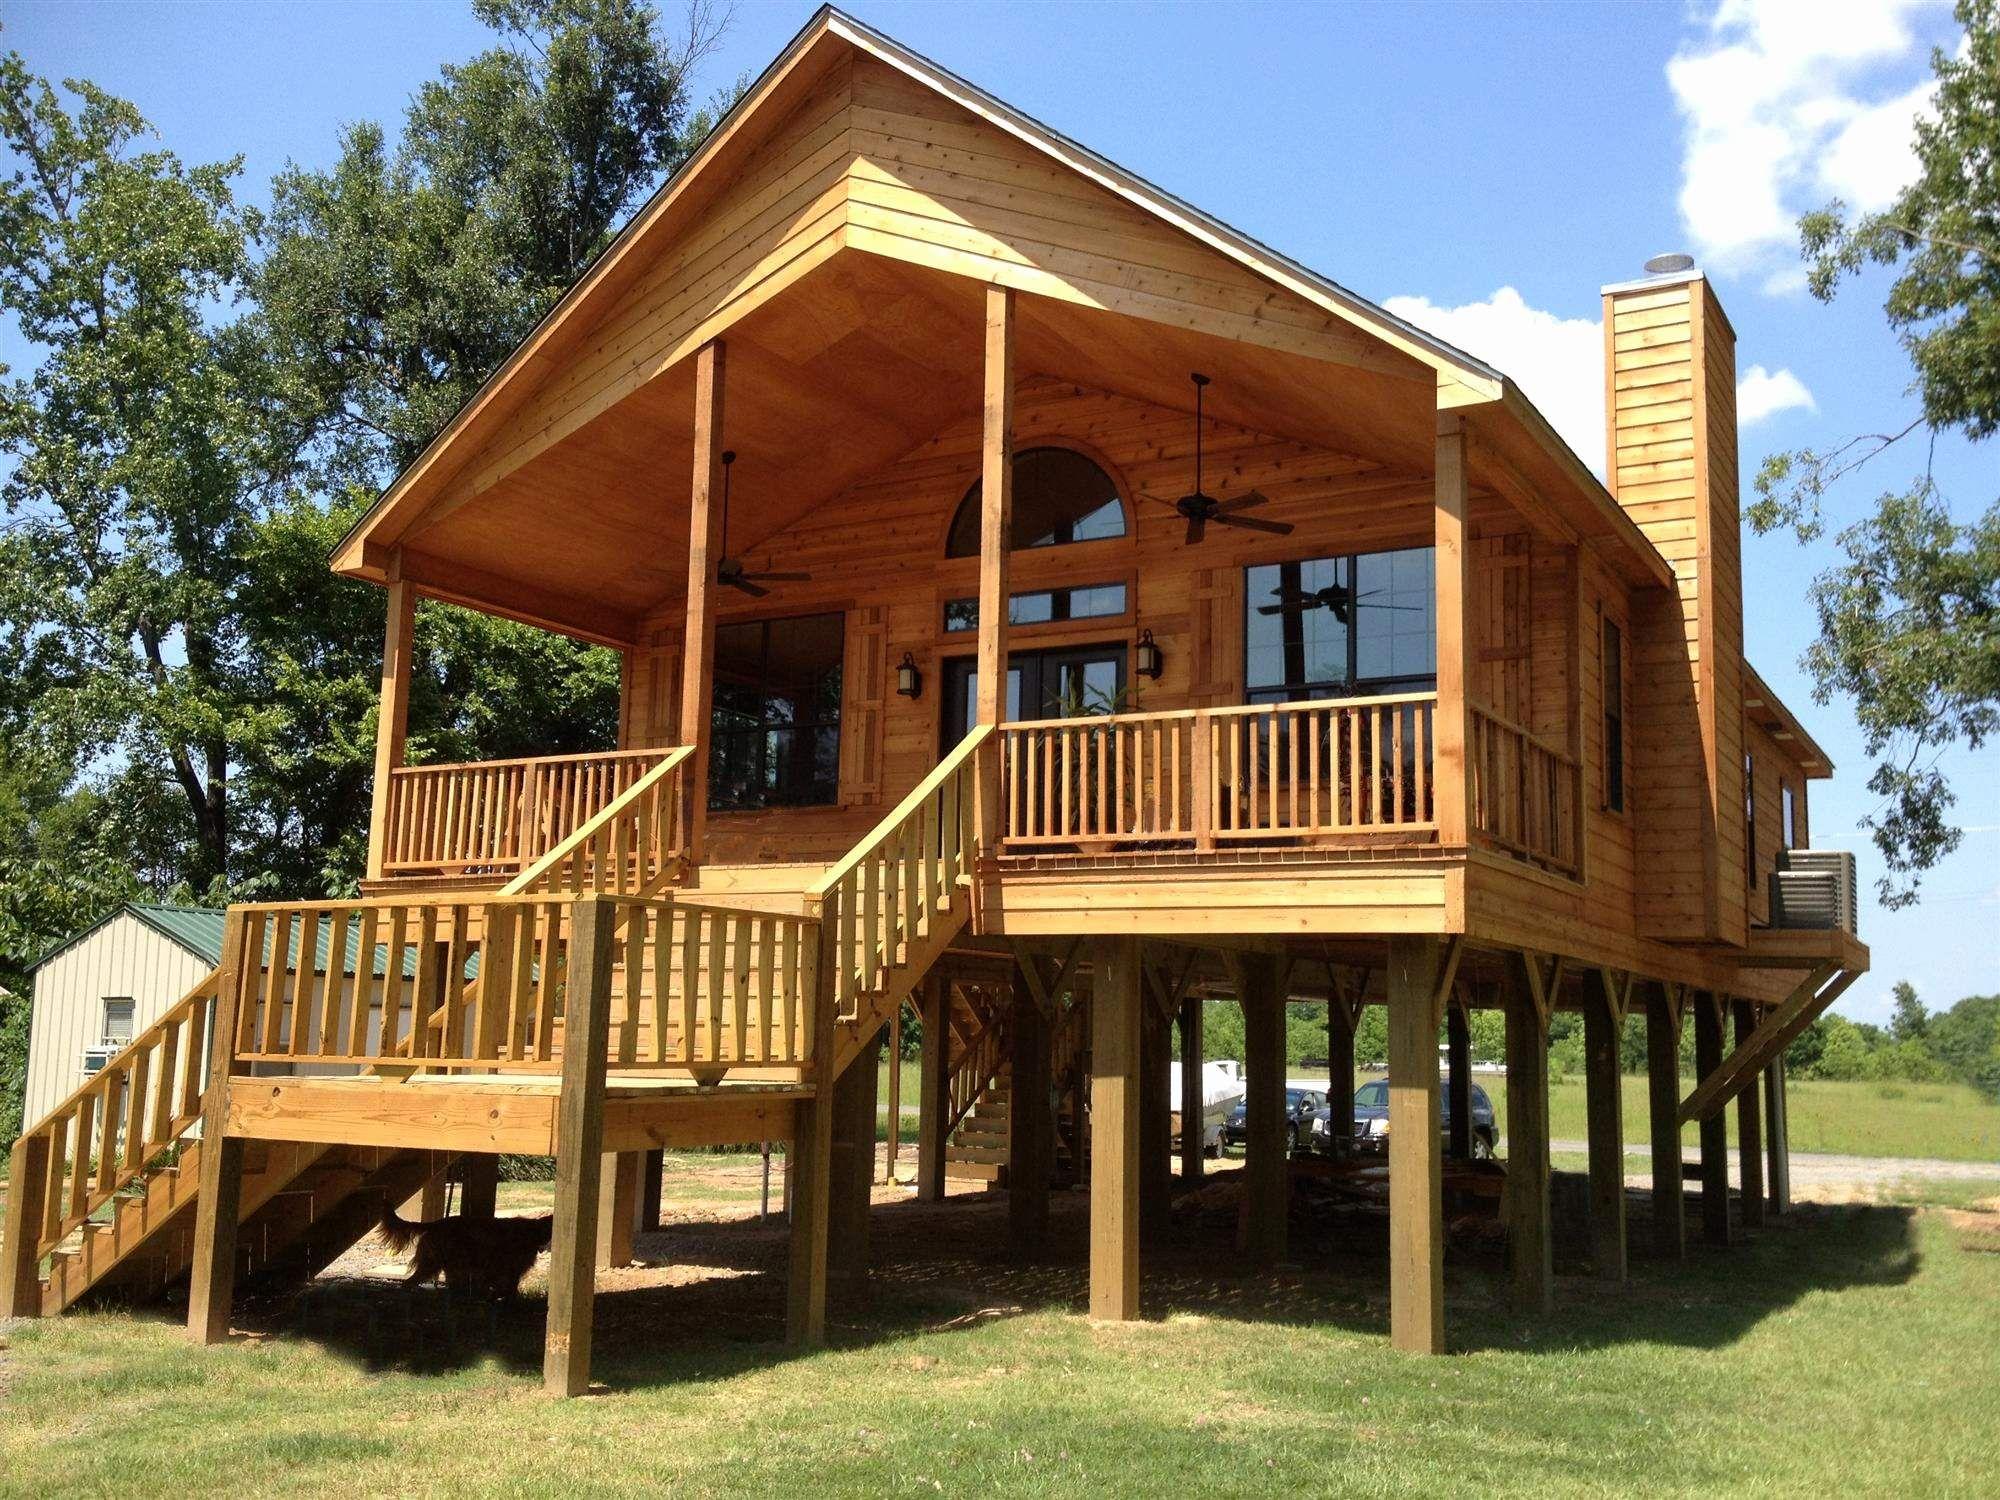 A Frame On Stilts And Decks Around It Yahoo Image Search Results Casas Cabanas Ideias De Casas Casas Pre Fabricadas